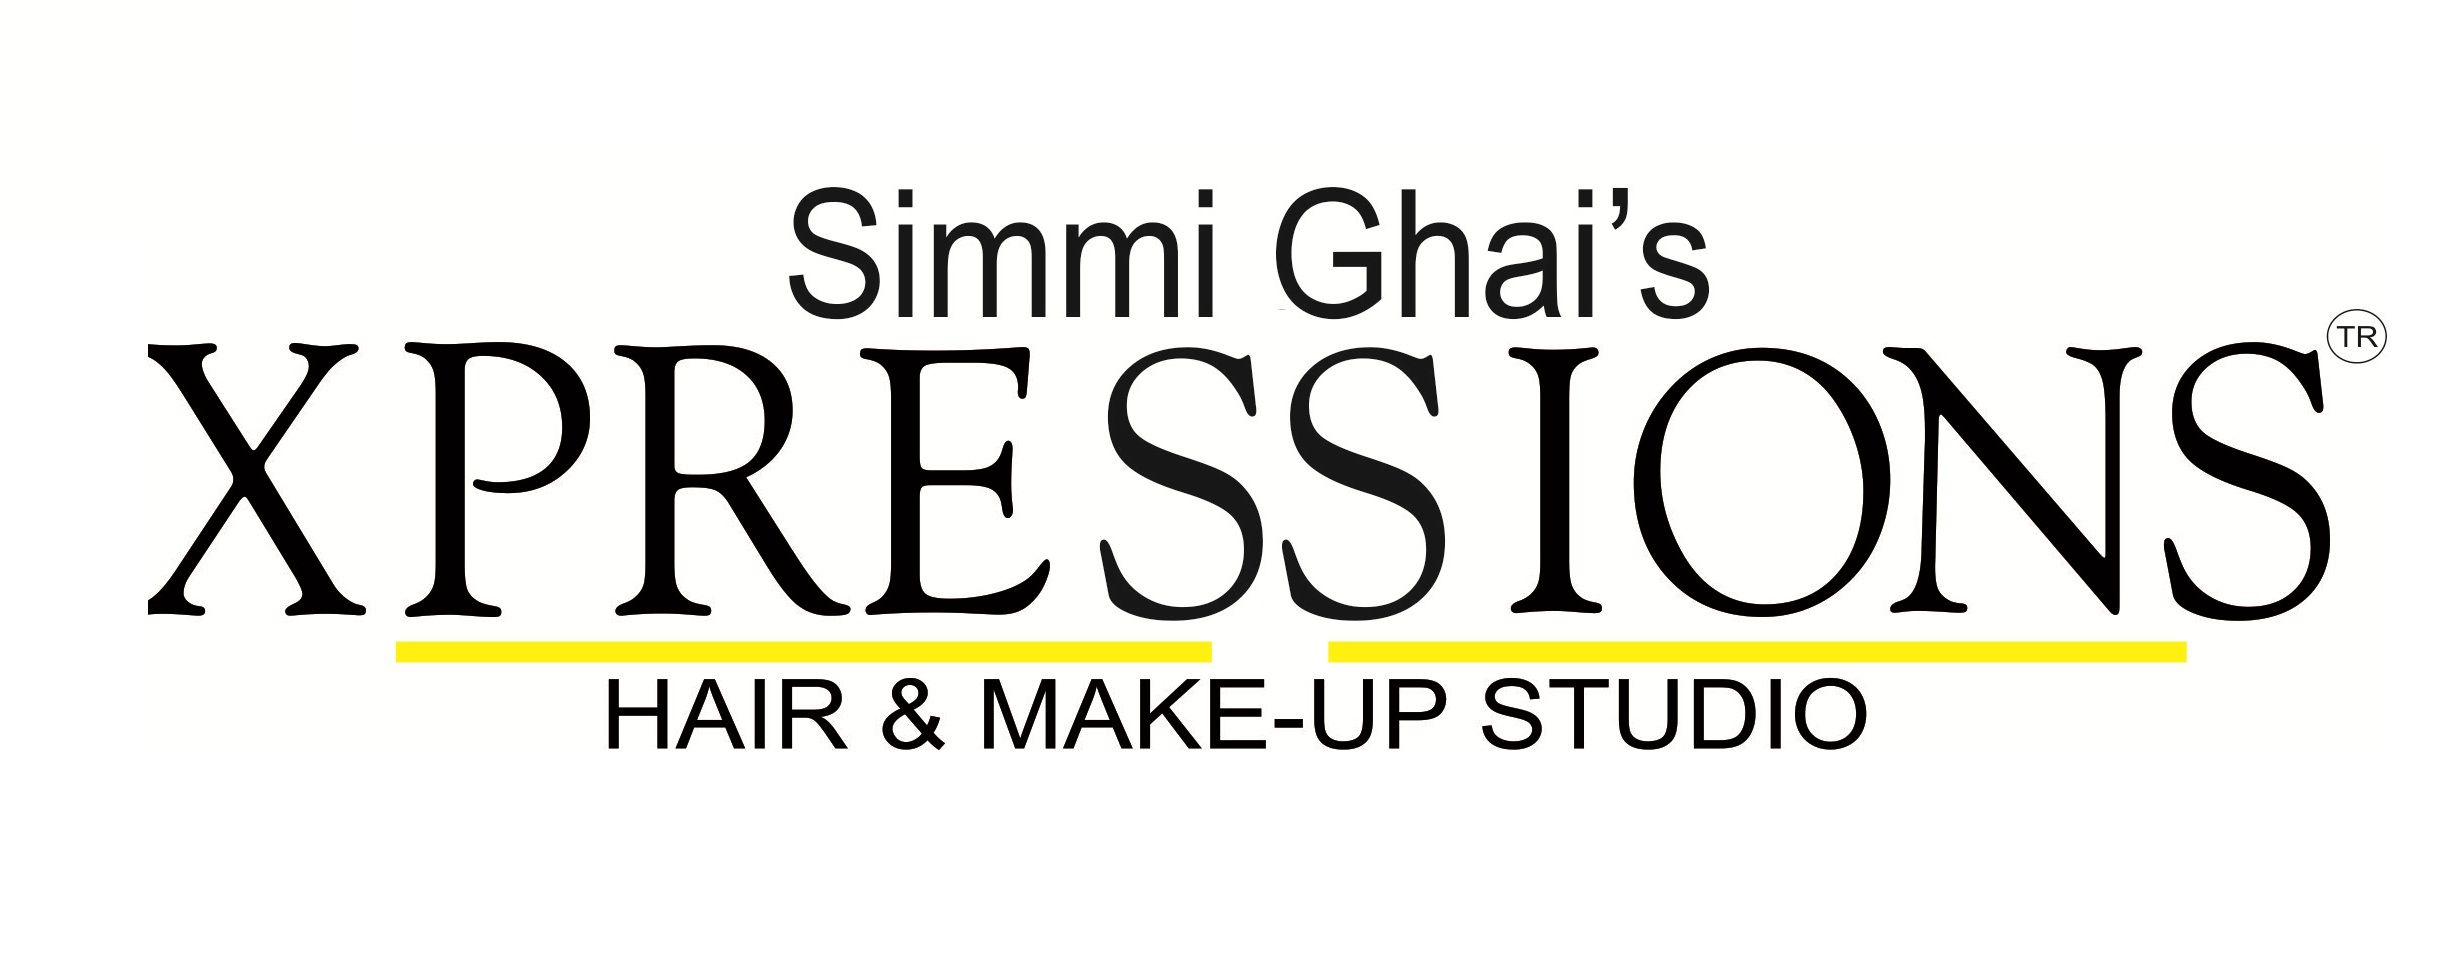 Simmi Ghais Xpressions